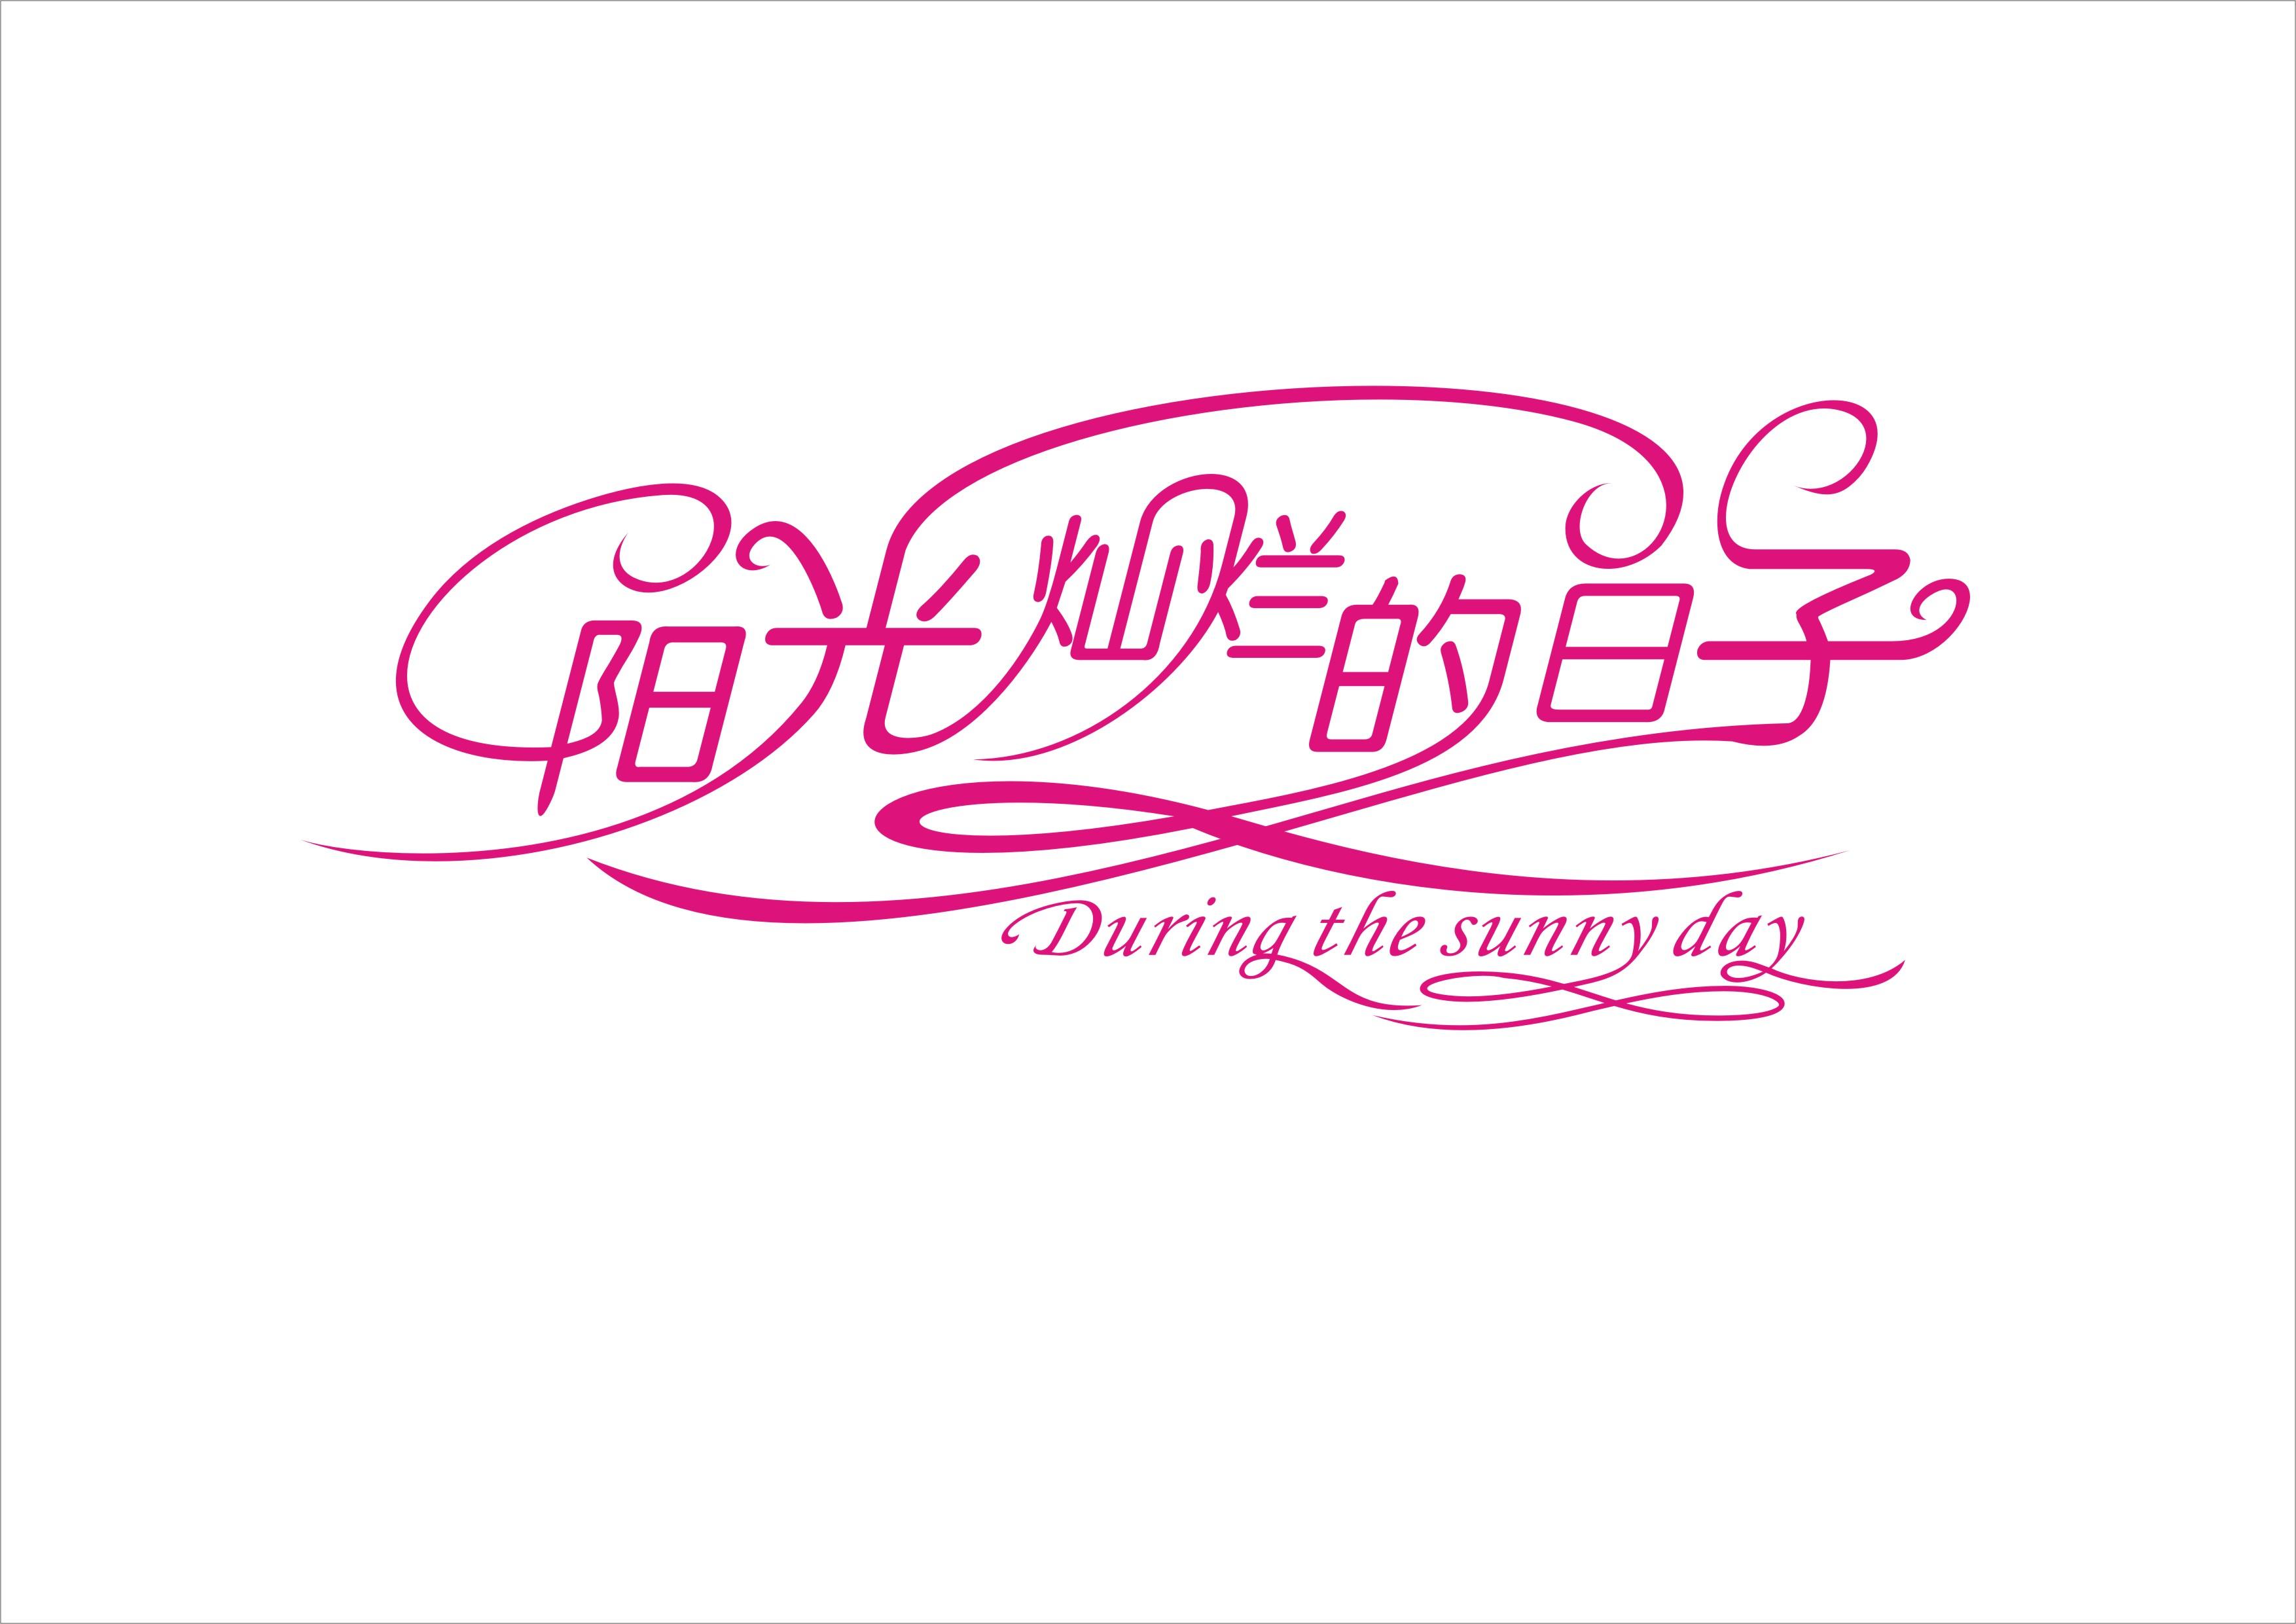 艺术字体创意设计_2181986_k68威客网